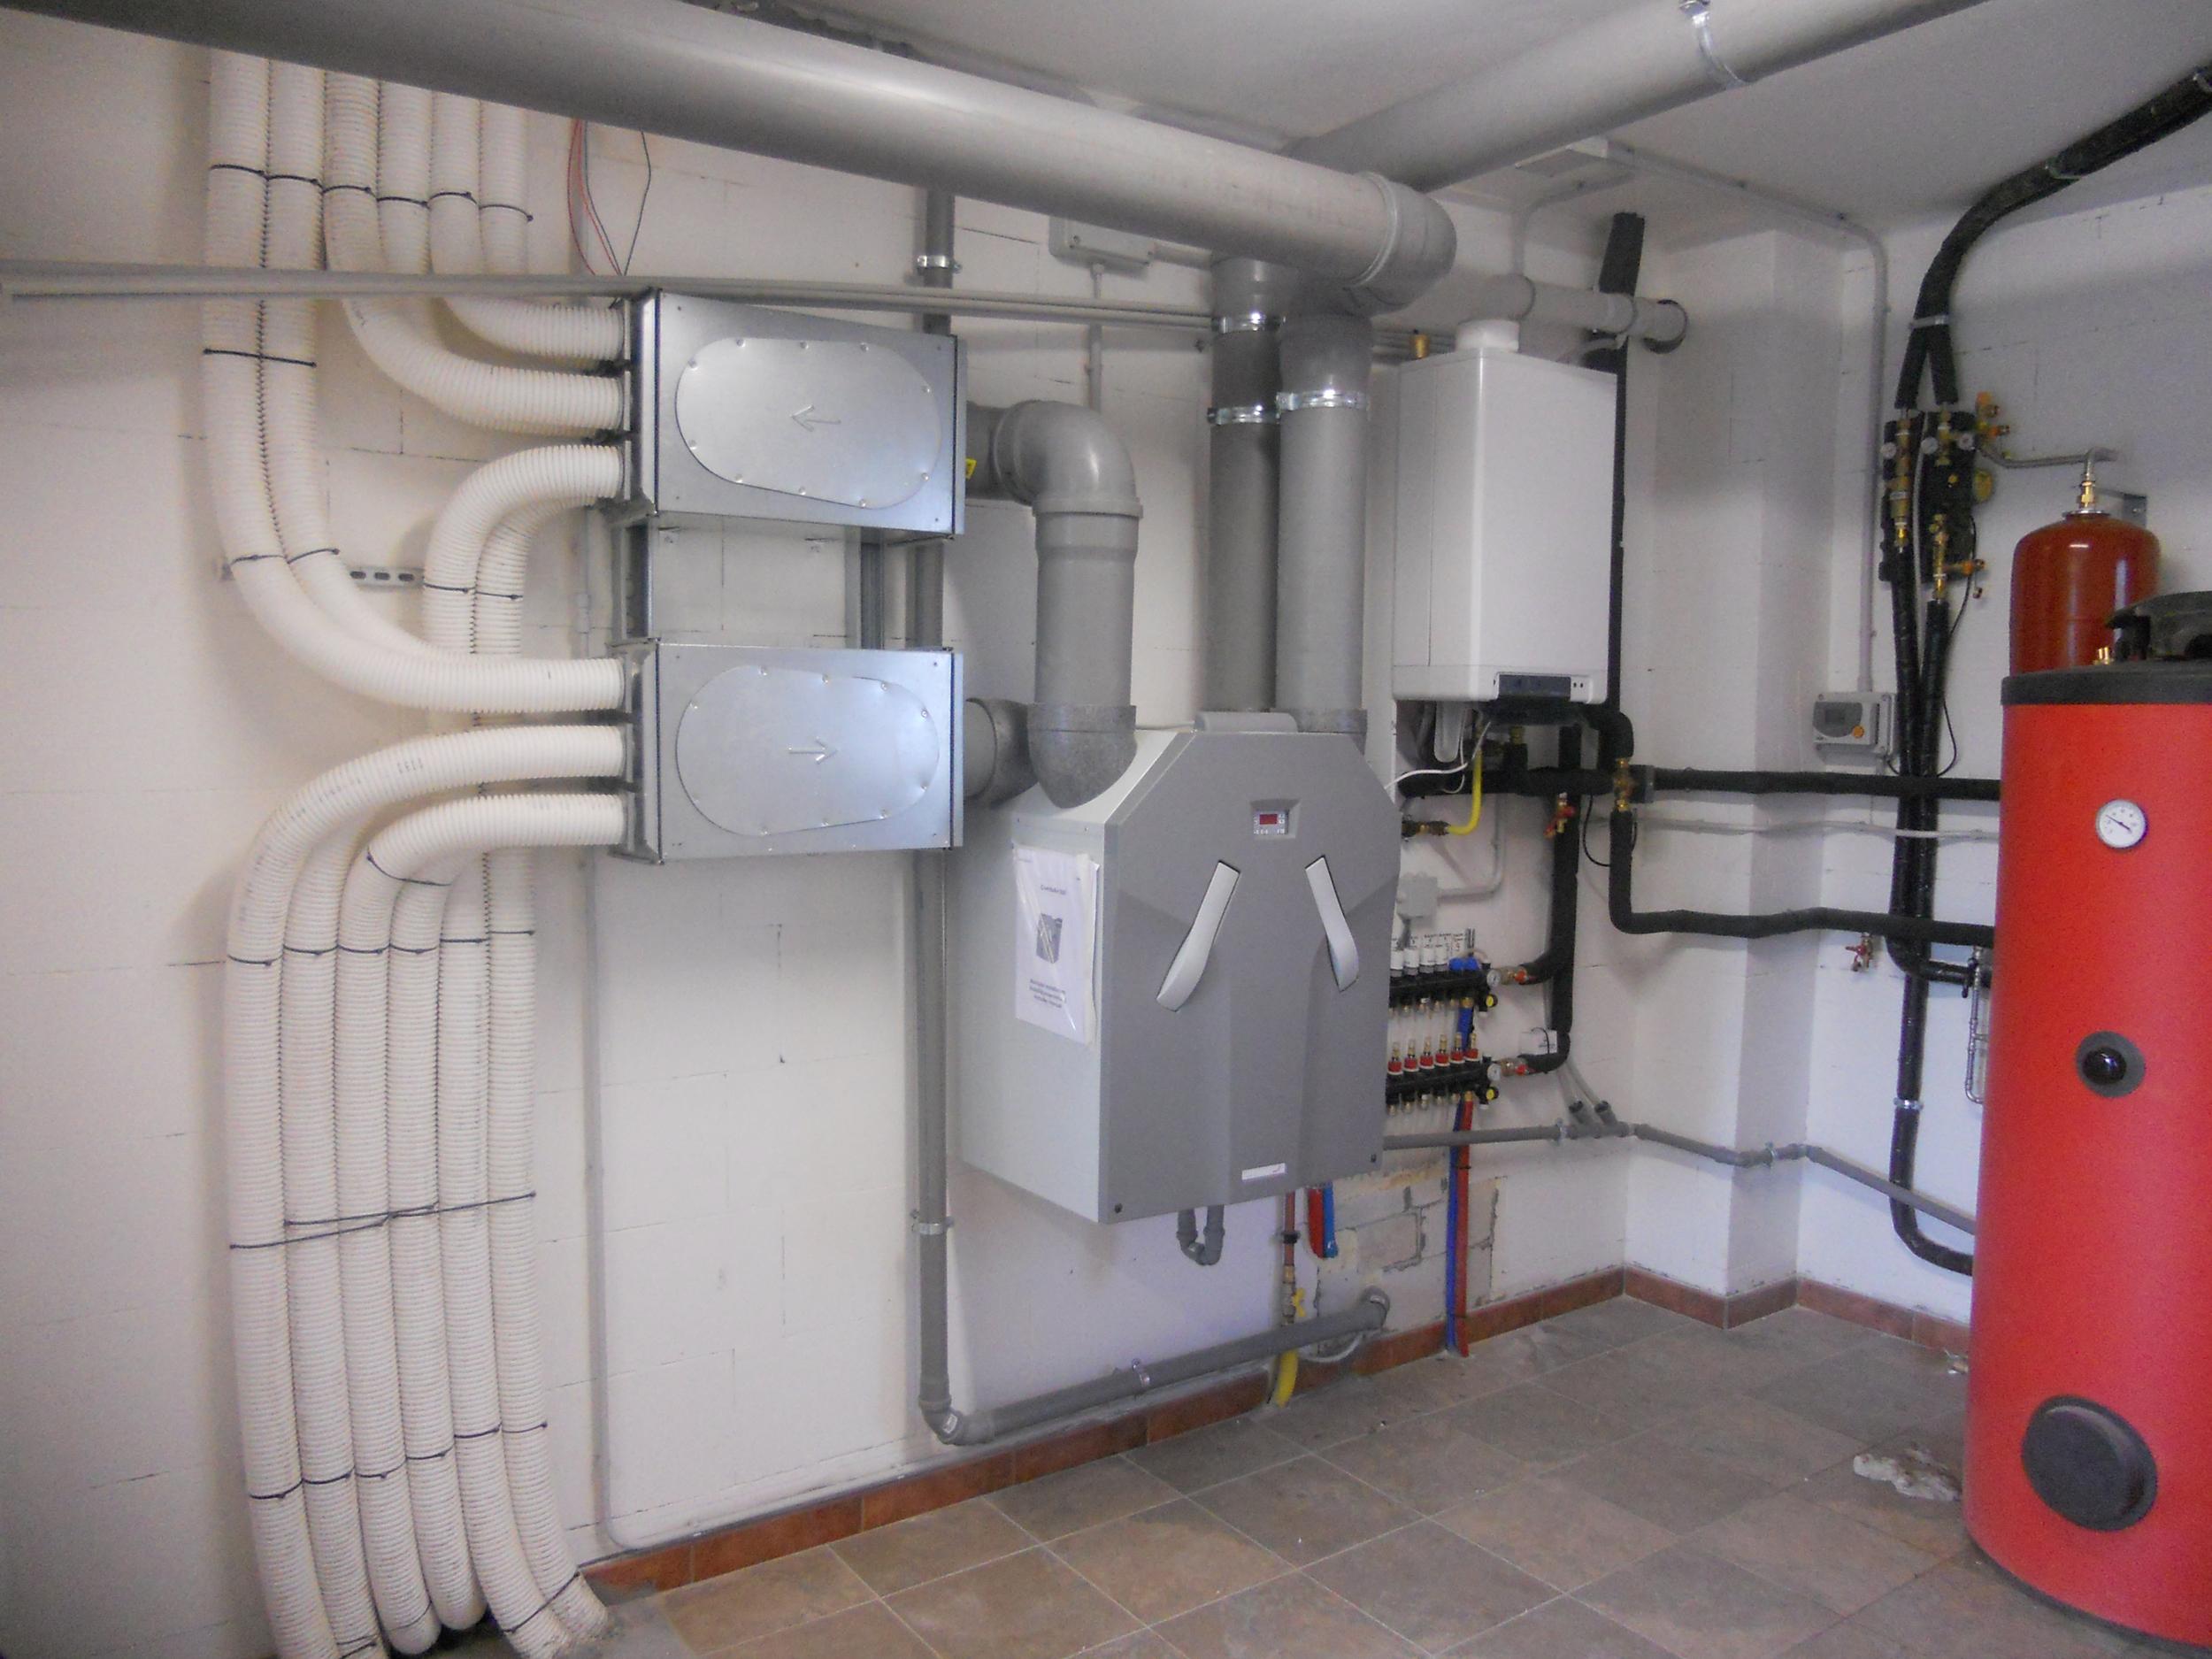 ventilazione meccanica ristrutturazione Casa Cllimajpg